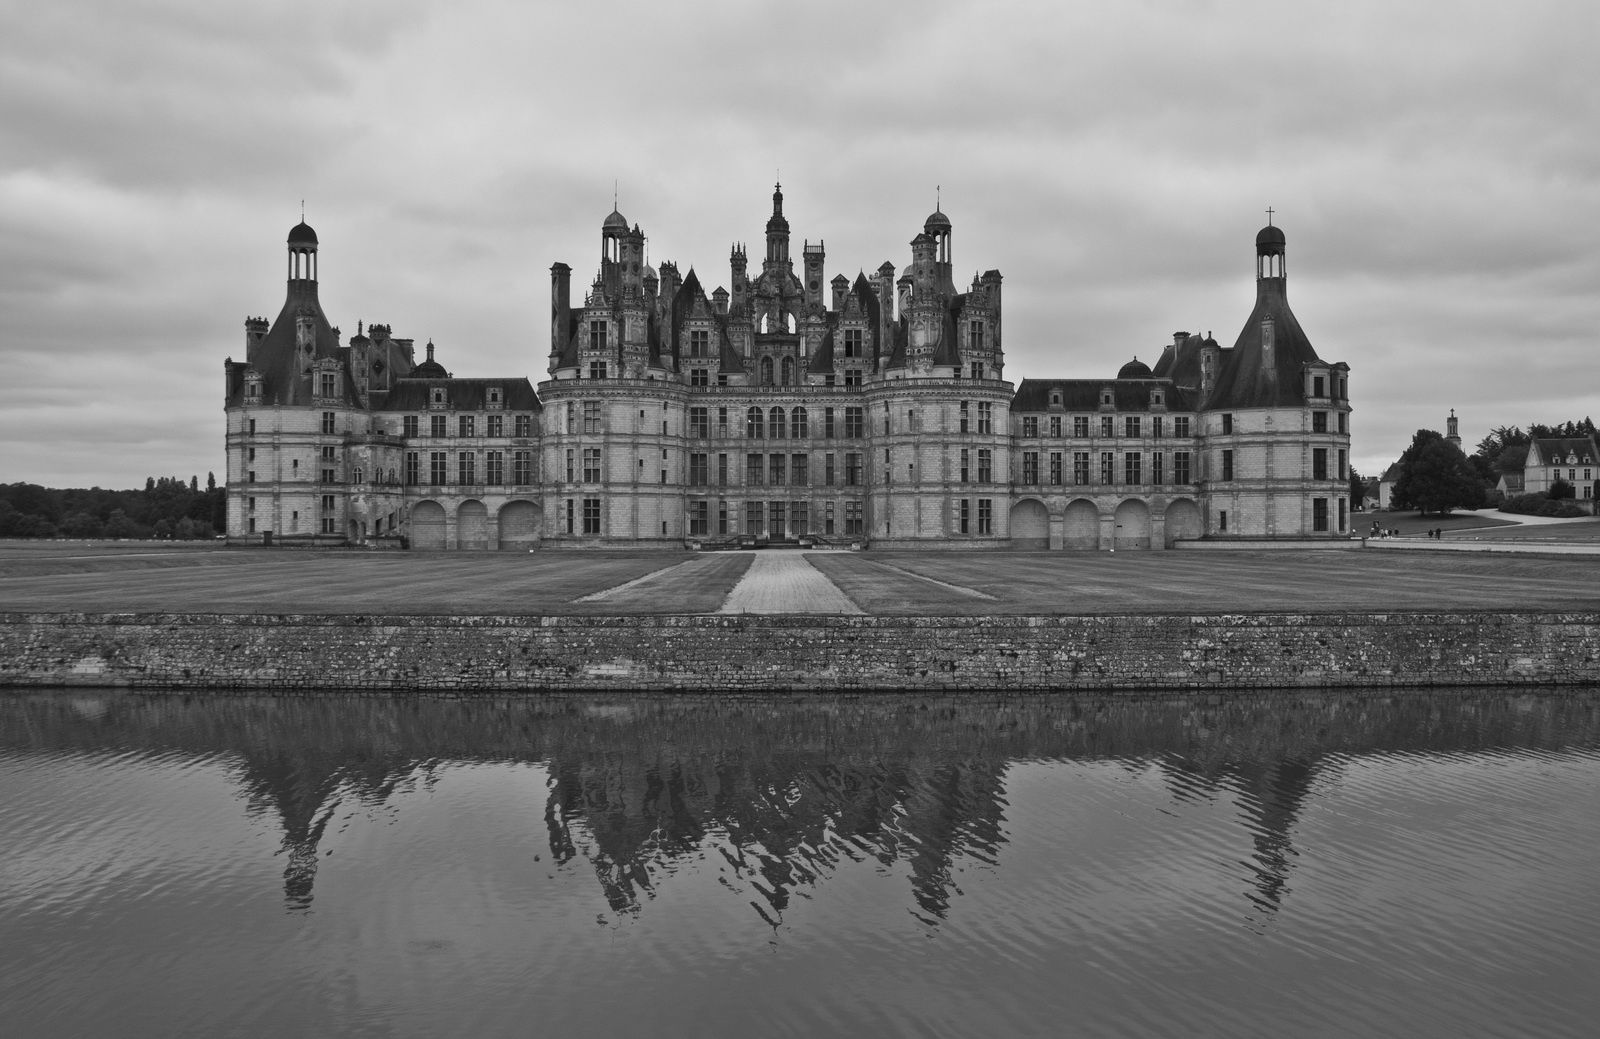 Le château de Chambord, symbole du pouvoir de François 1er - Dates de visite : août 1996 et septembre 2012